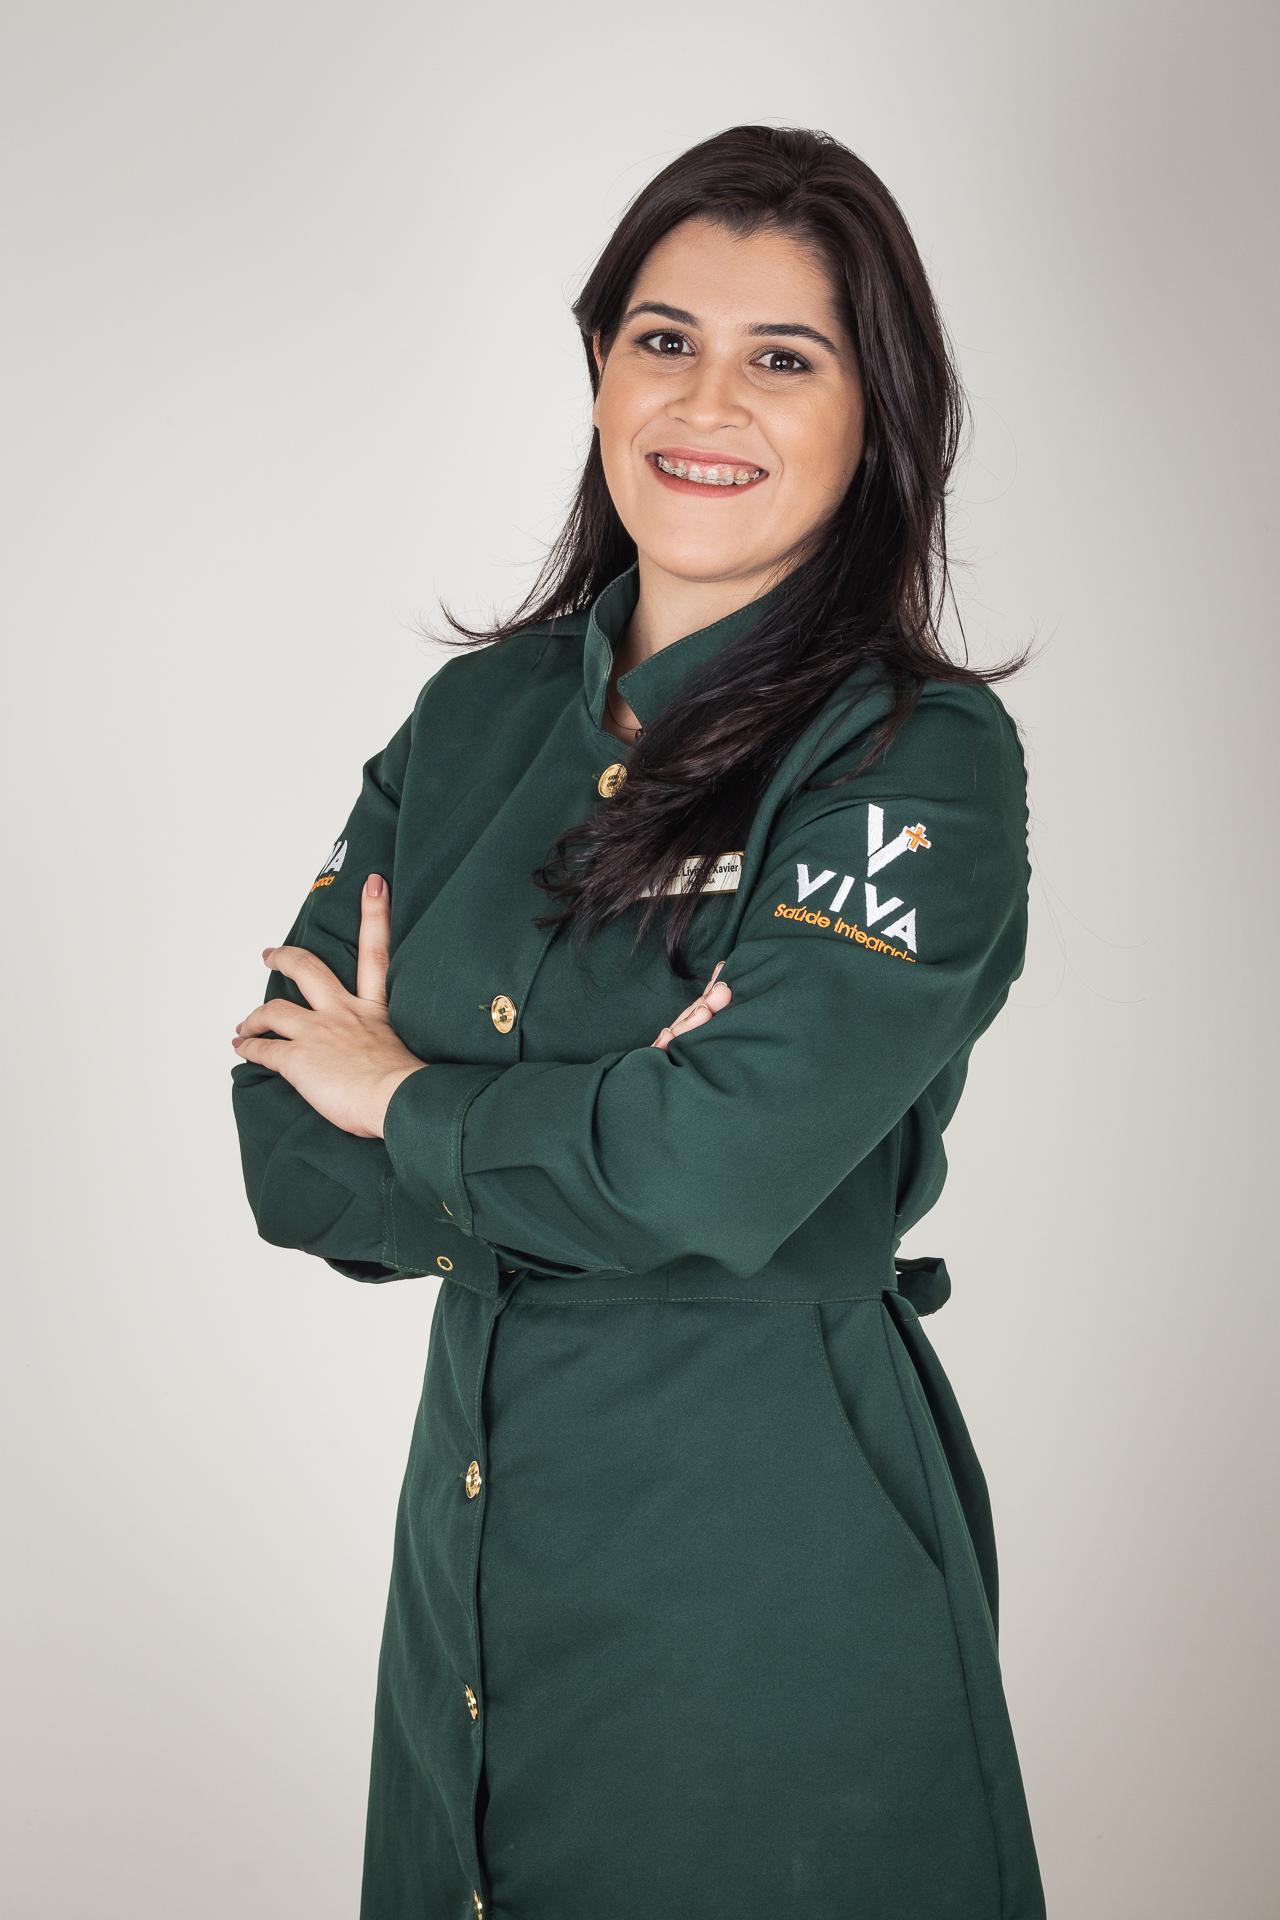 Dra. Liviane Xavier